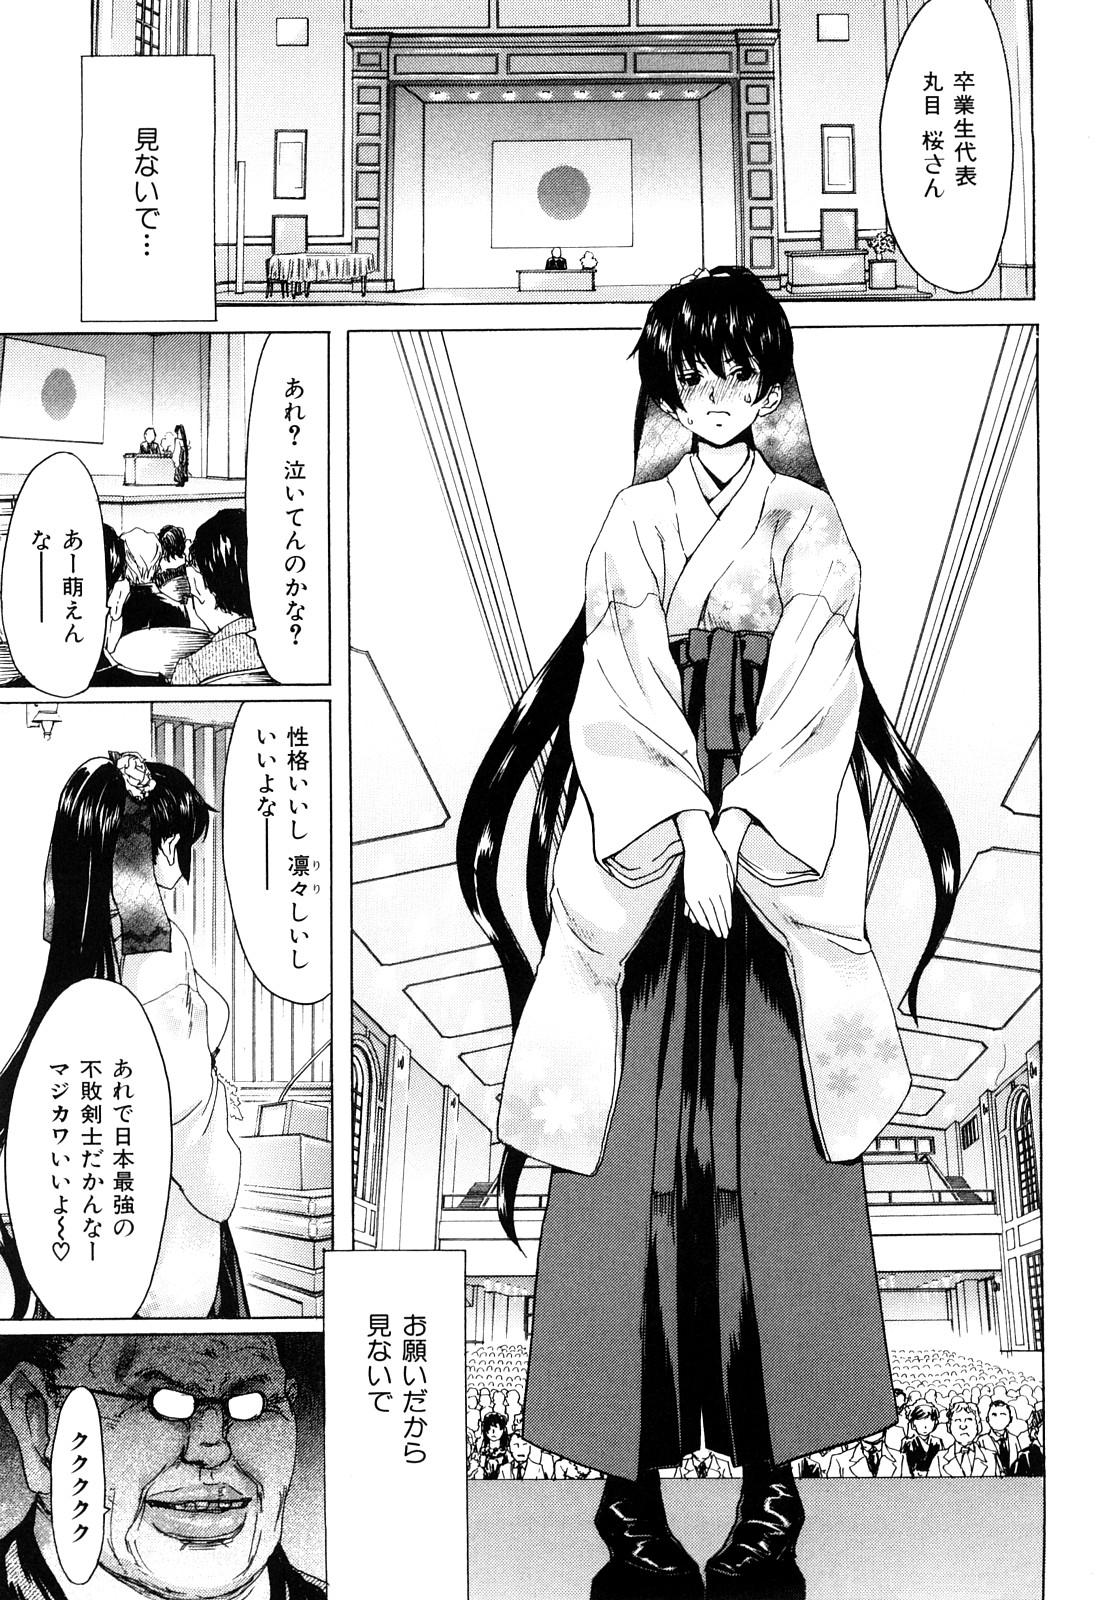 【エロ漫画・エロ同人】剣道の不敗剣士とまで呼ばれる女子は教師に身体を求められて度重なる快感に堕ちるwww